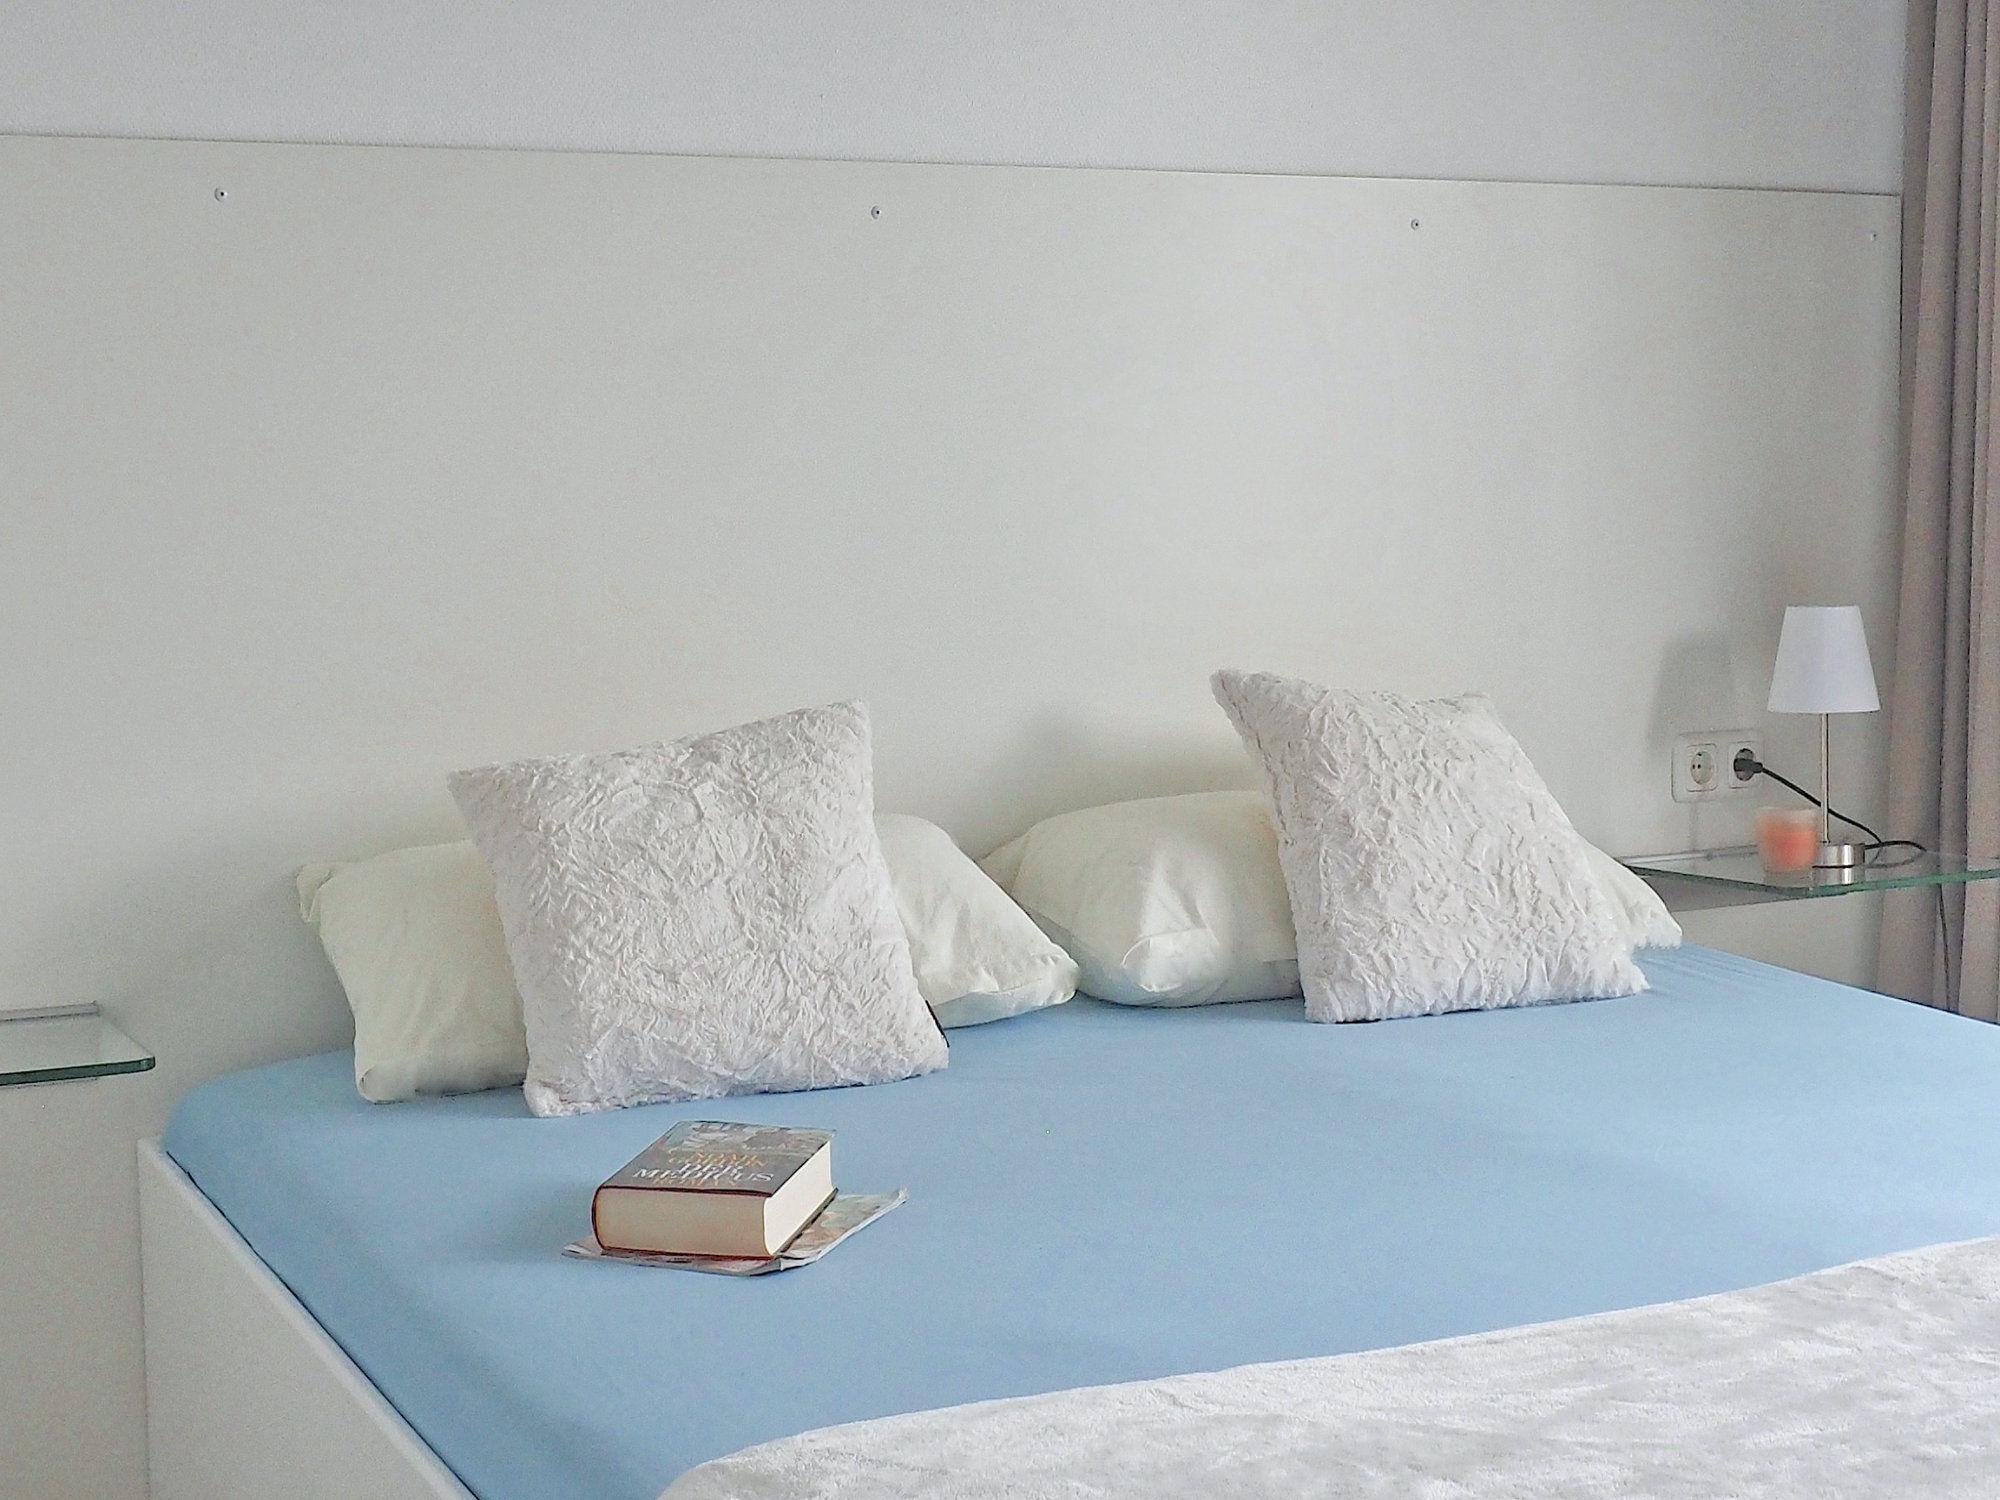 Schlafzimmer mit Doppelbett, Kopfteil mit Kopfkissen, Glaskonsolen links und rechts von dem Bett